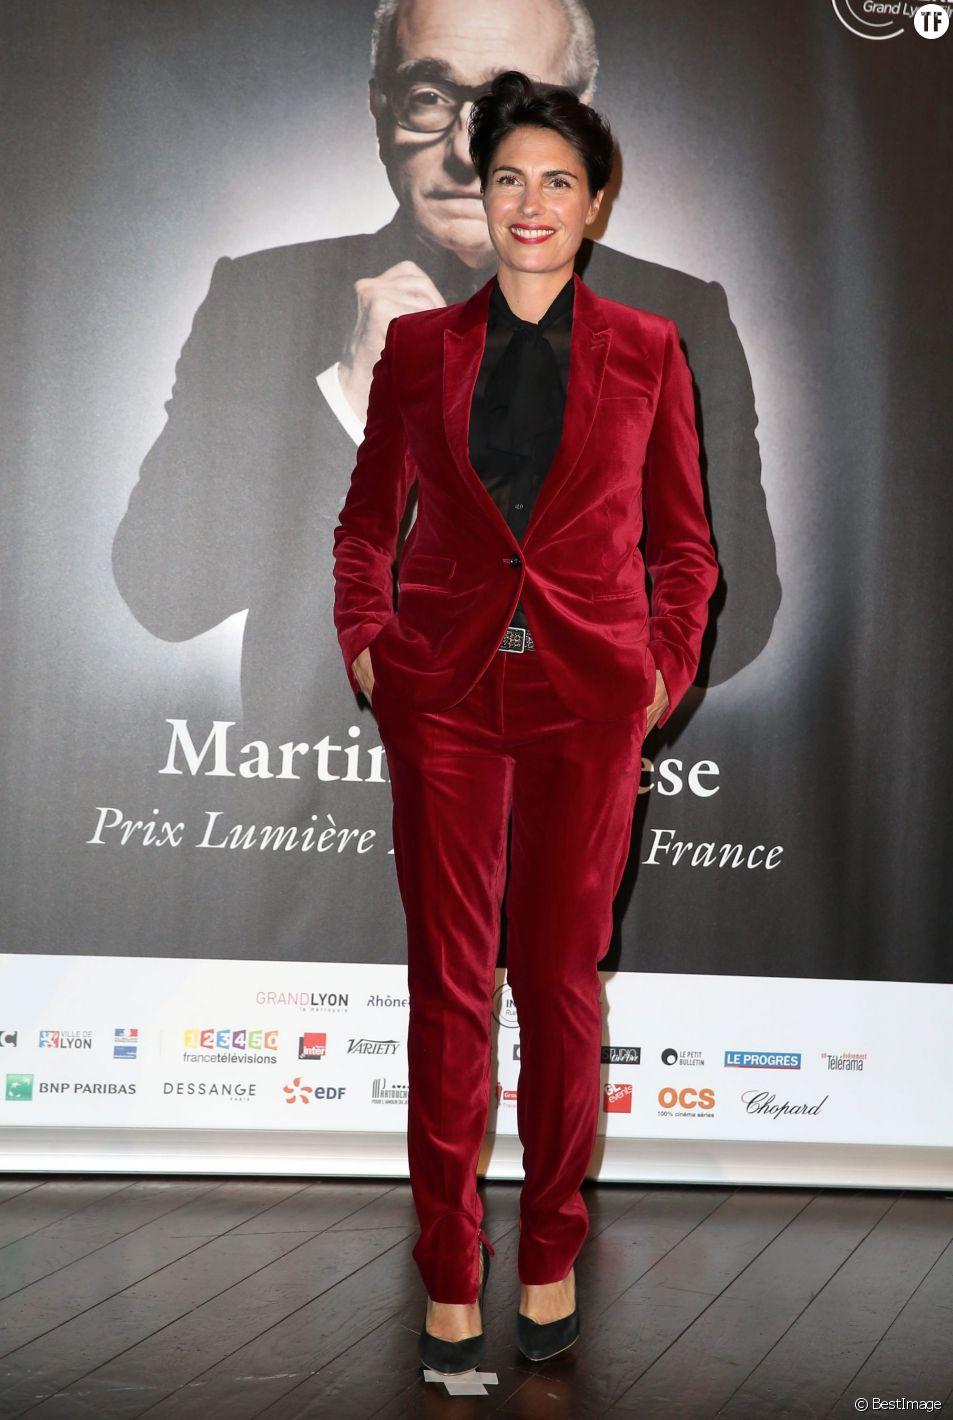 Alessandra Sublet - Photocall de la cérémonie de remise du prix Lumière à Martin Scorsese lors du festival Lumière 2015 (Grand Lyon Film Festival) à Lyon. Le 16 octobre 2015